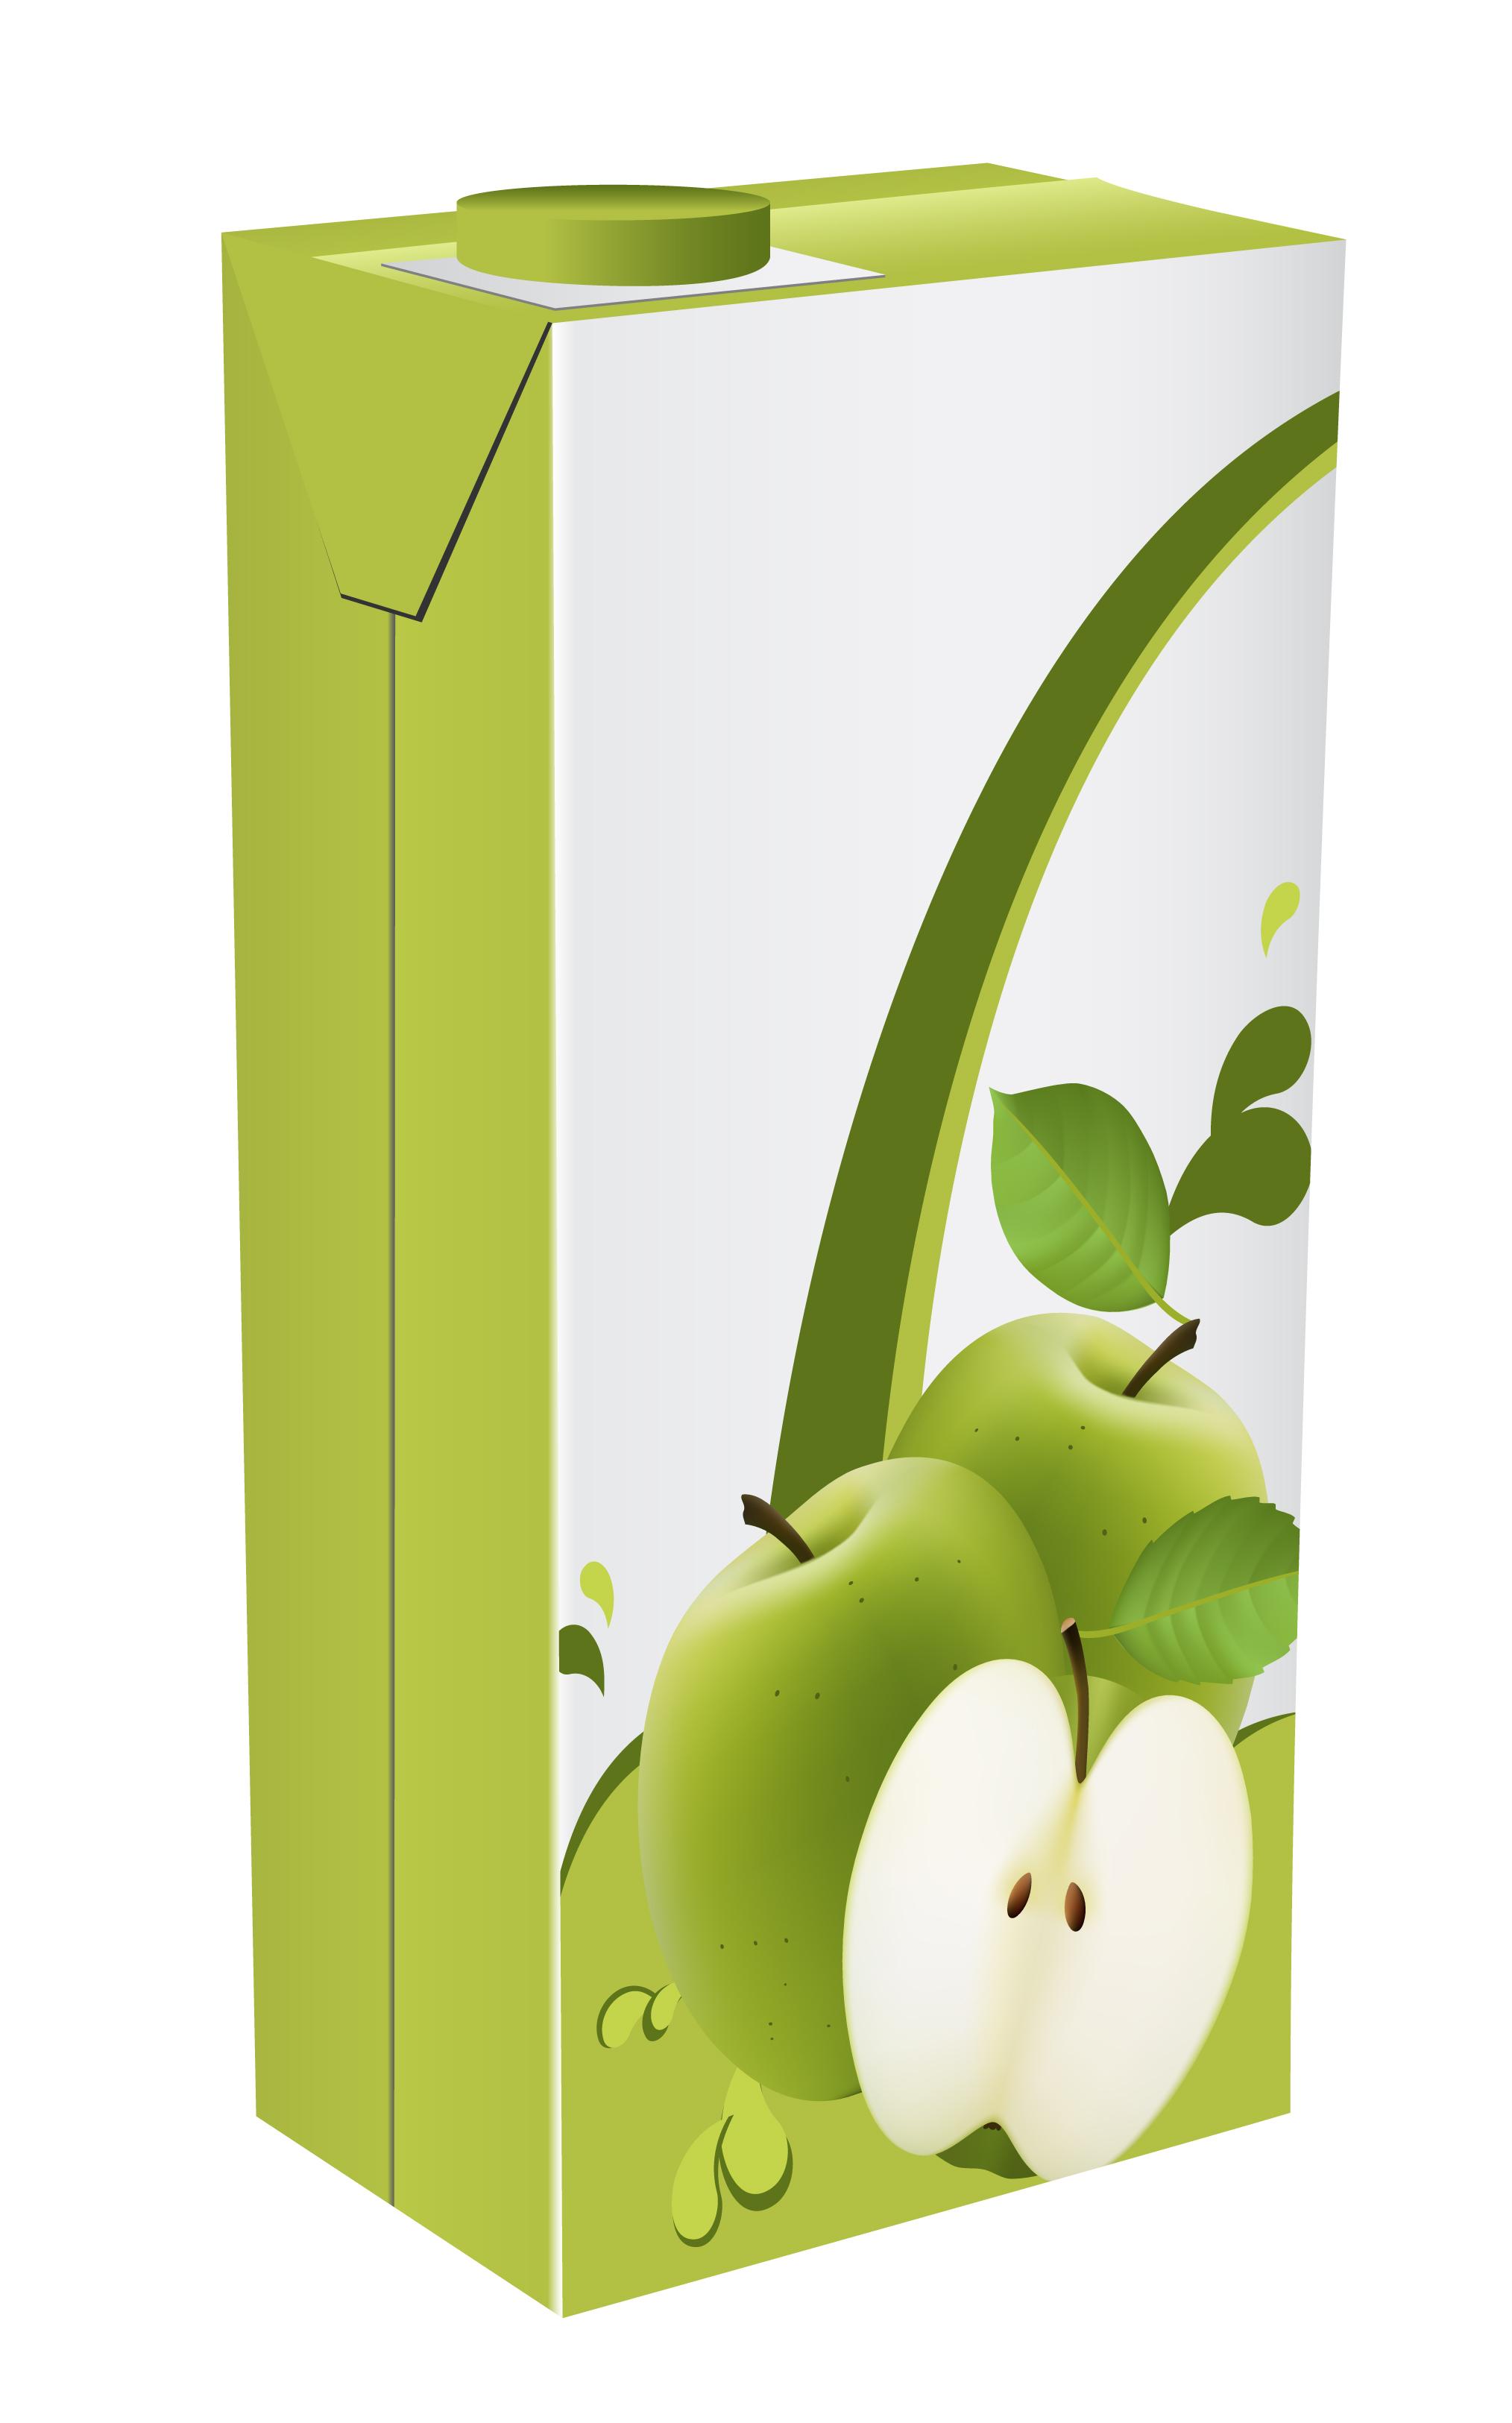 Apple juice drinks package design vector 01 free